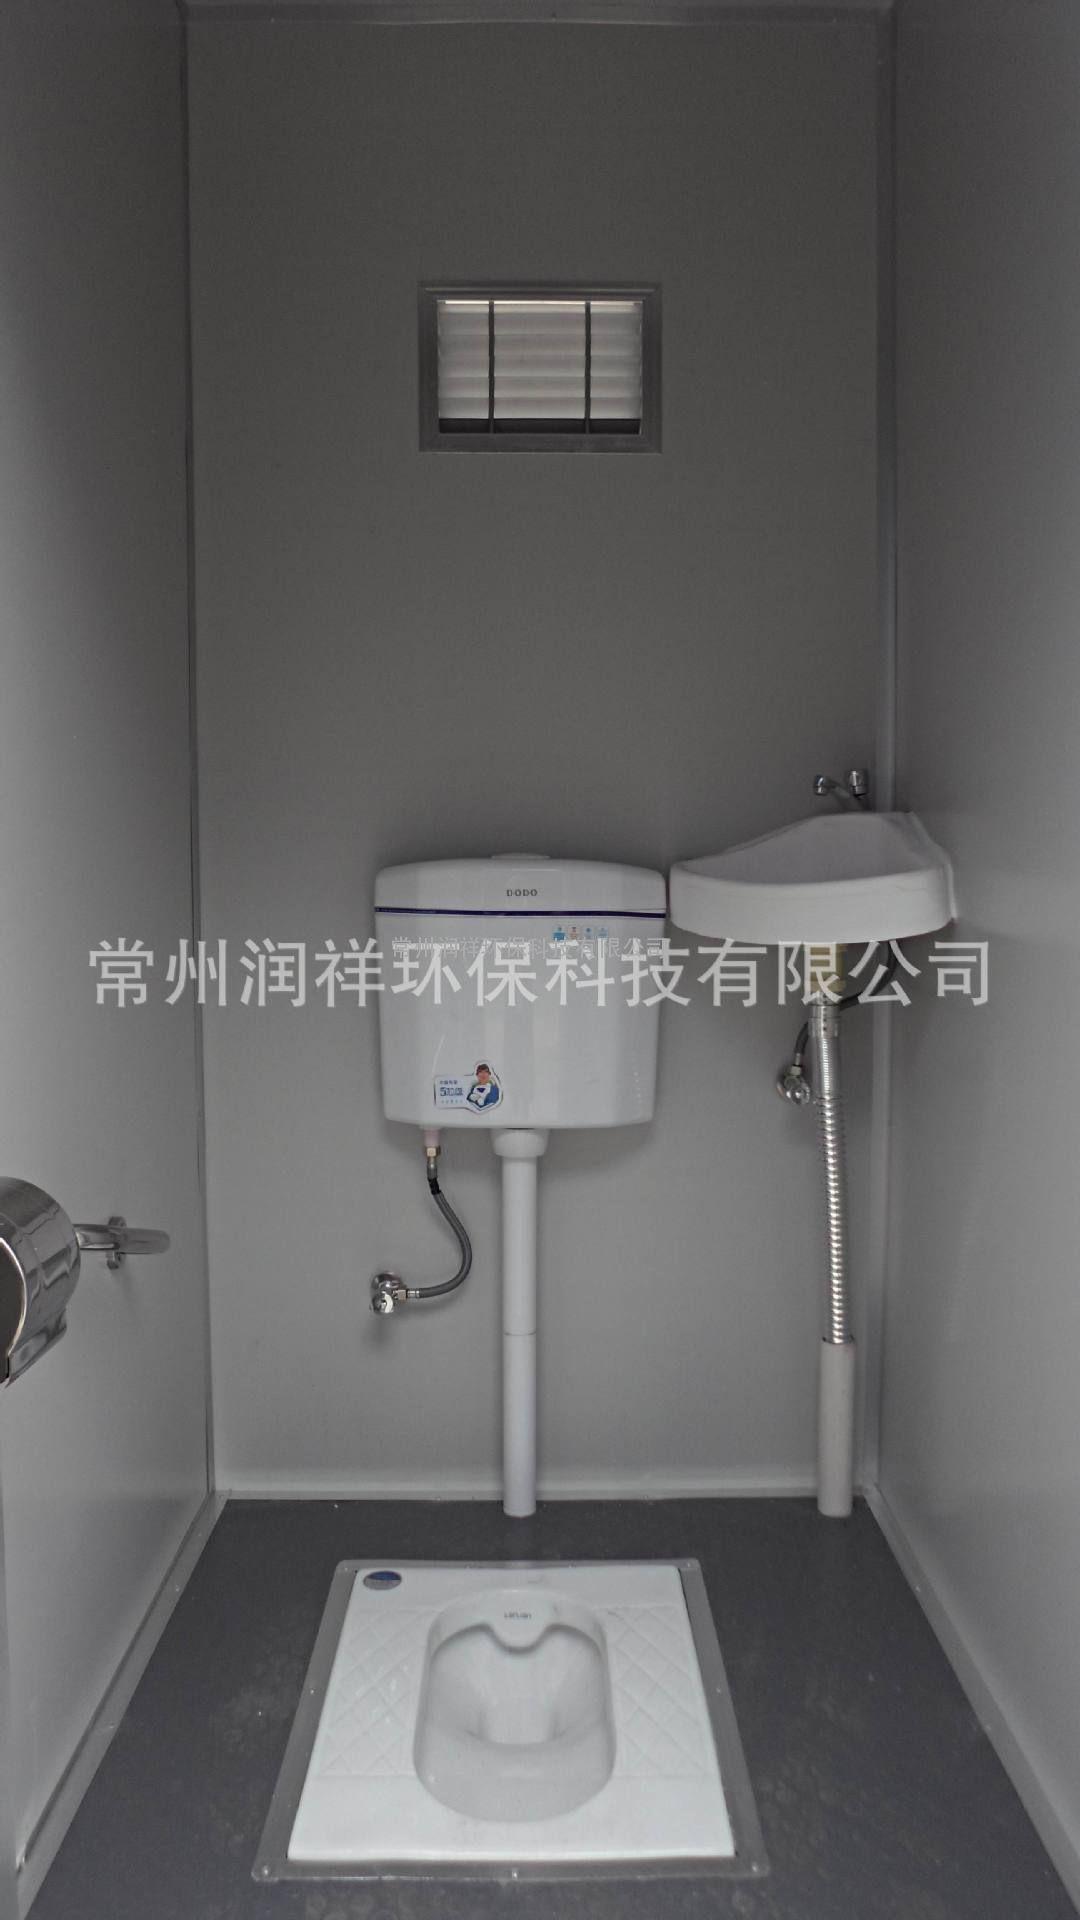 供应江苏大洞山景区移动厕所 江苏移动厕所厂家直销